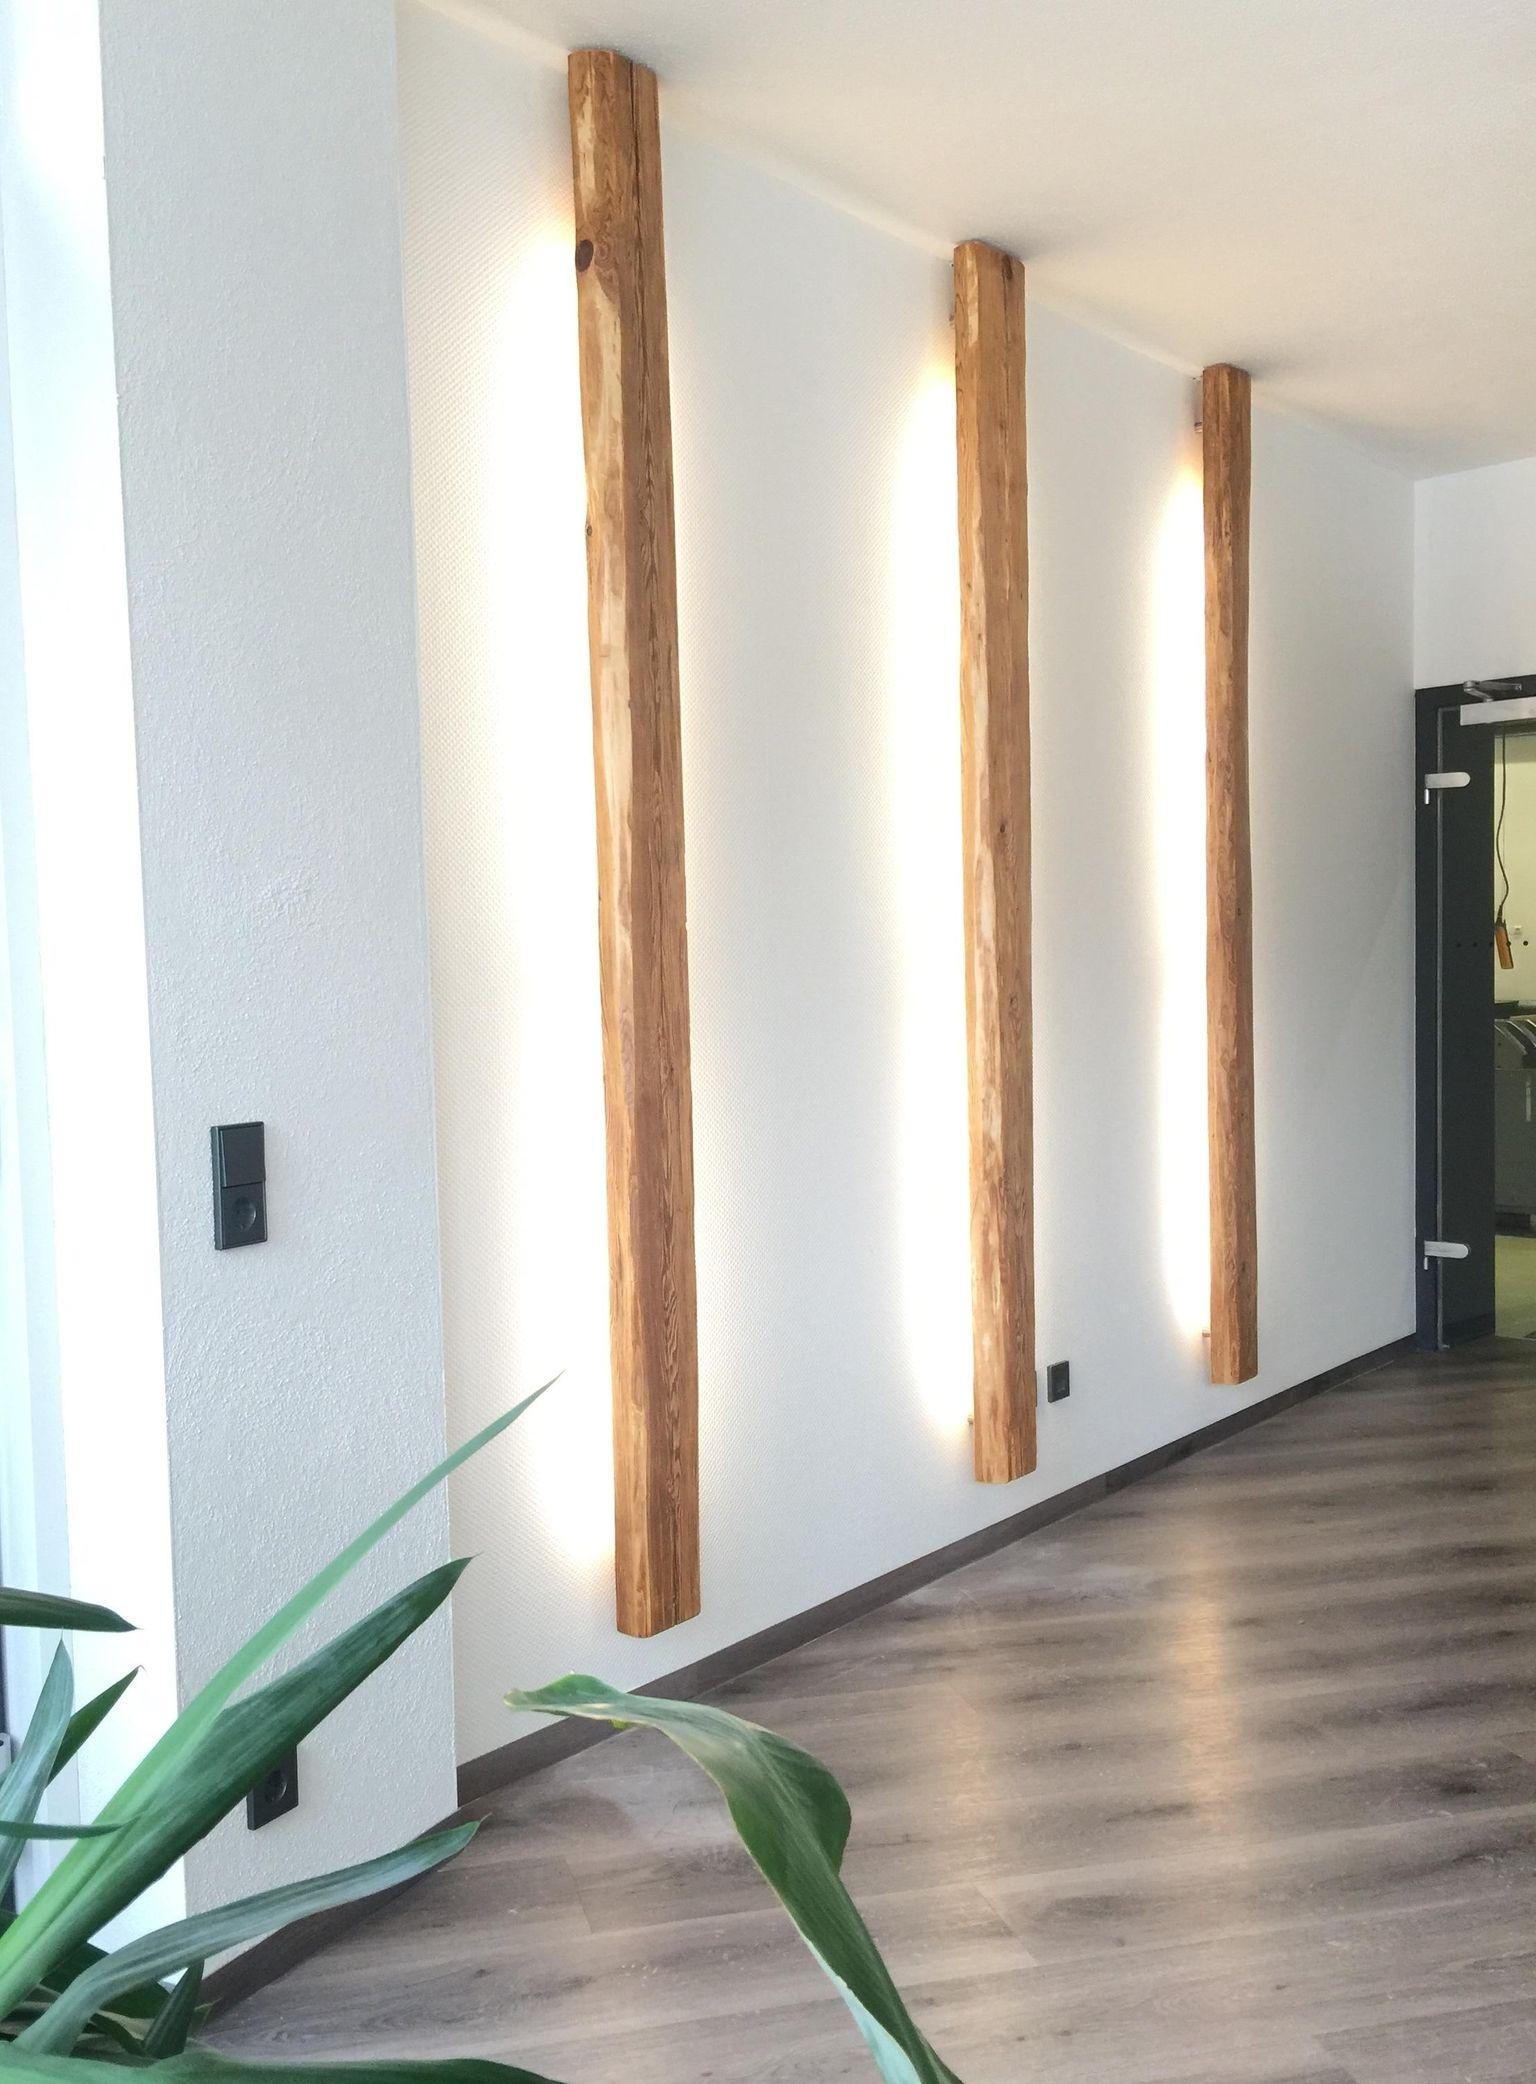 Blickfang Aus Altholz Lampe Living Beleuchtung Haus Innenarchitektur Altholz Altholz Lampe